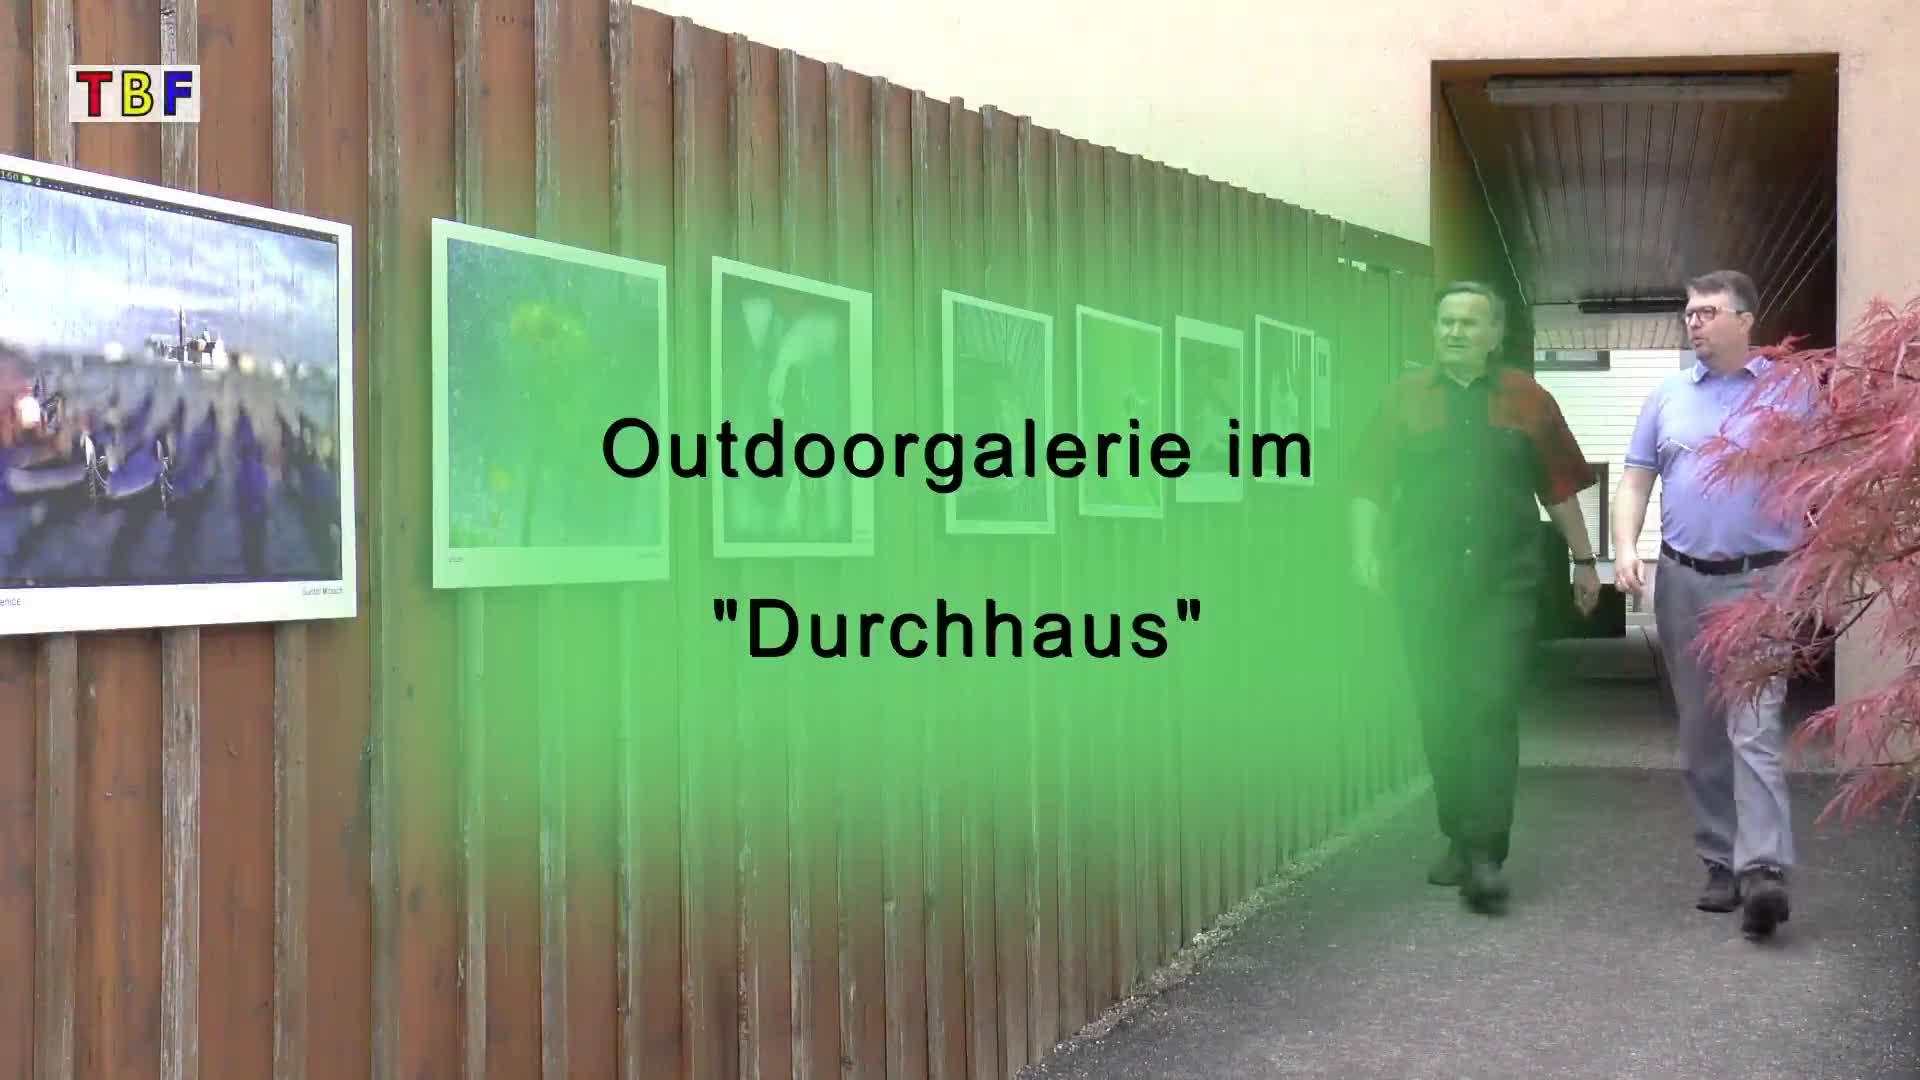 Outdoor Galerie im Durchhaus